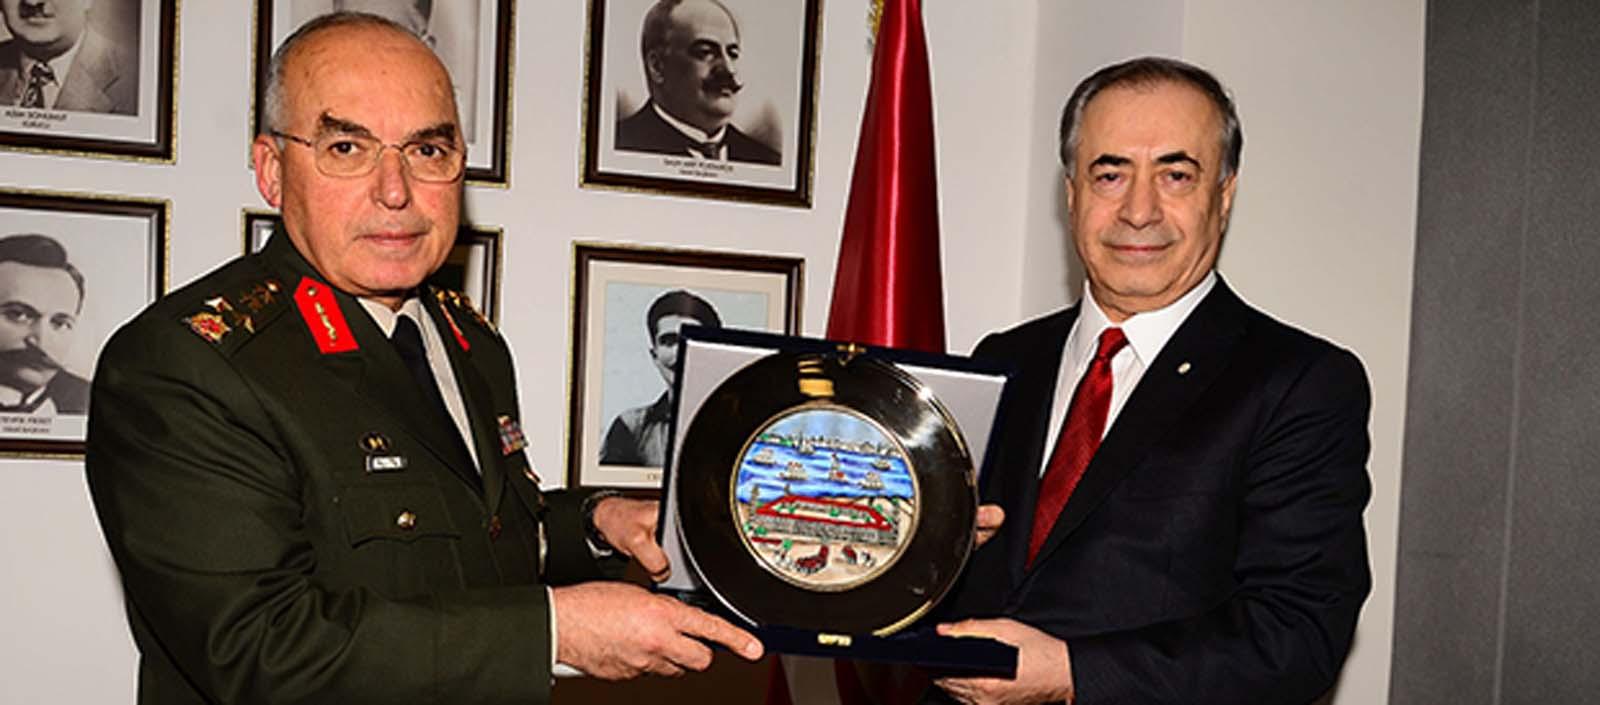 Yeni Kara Kuvvetleri Komutanı kim? Orgeneral Musa Avseven kimdir, nereli, kaç yaşında?